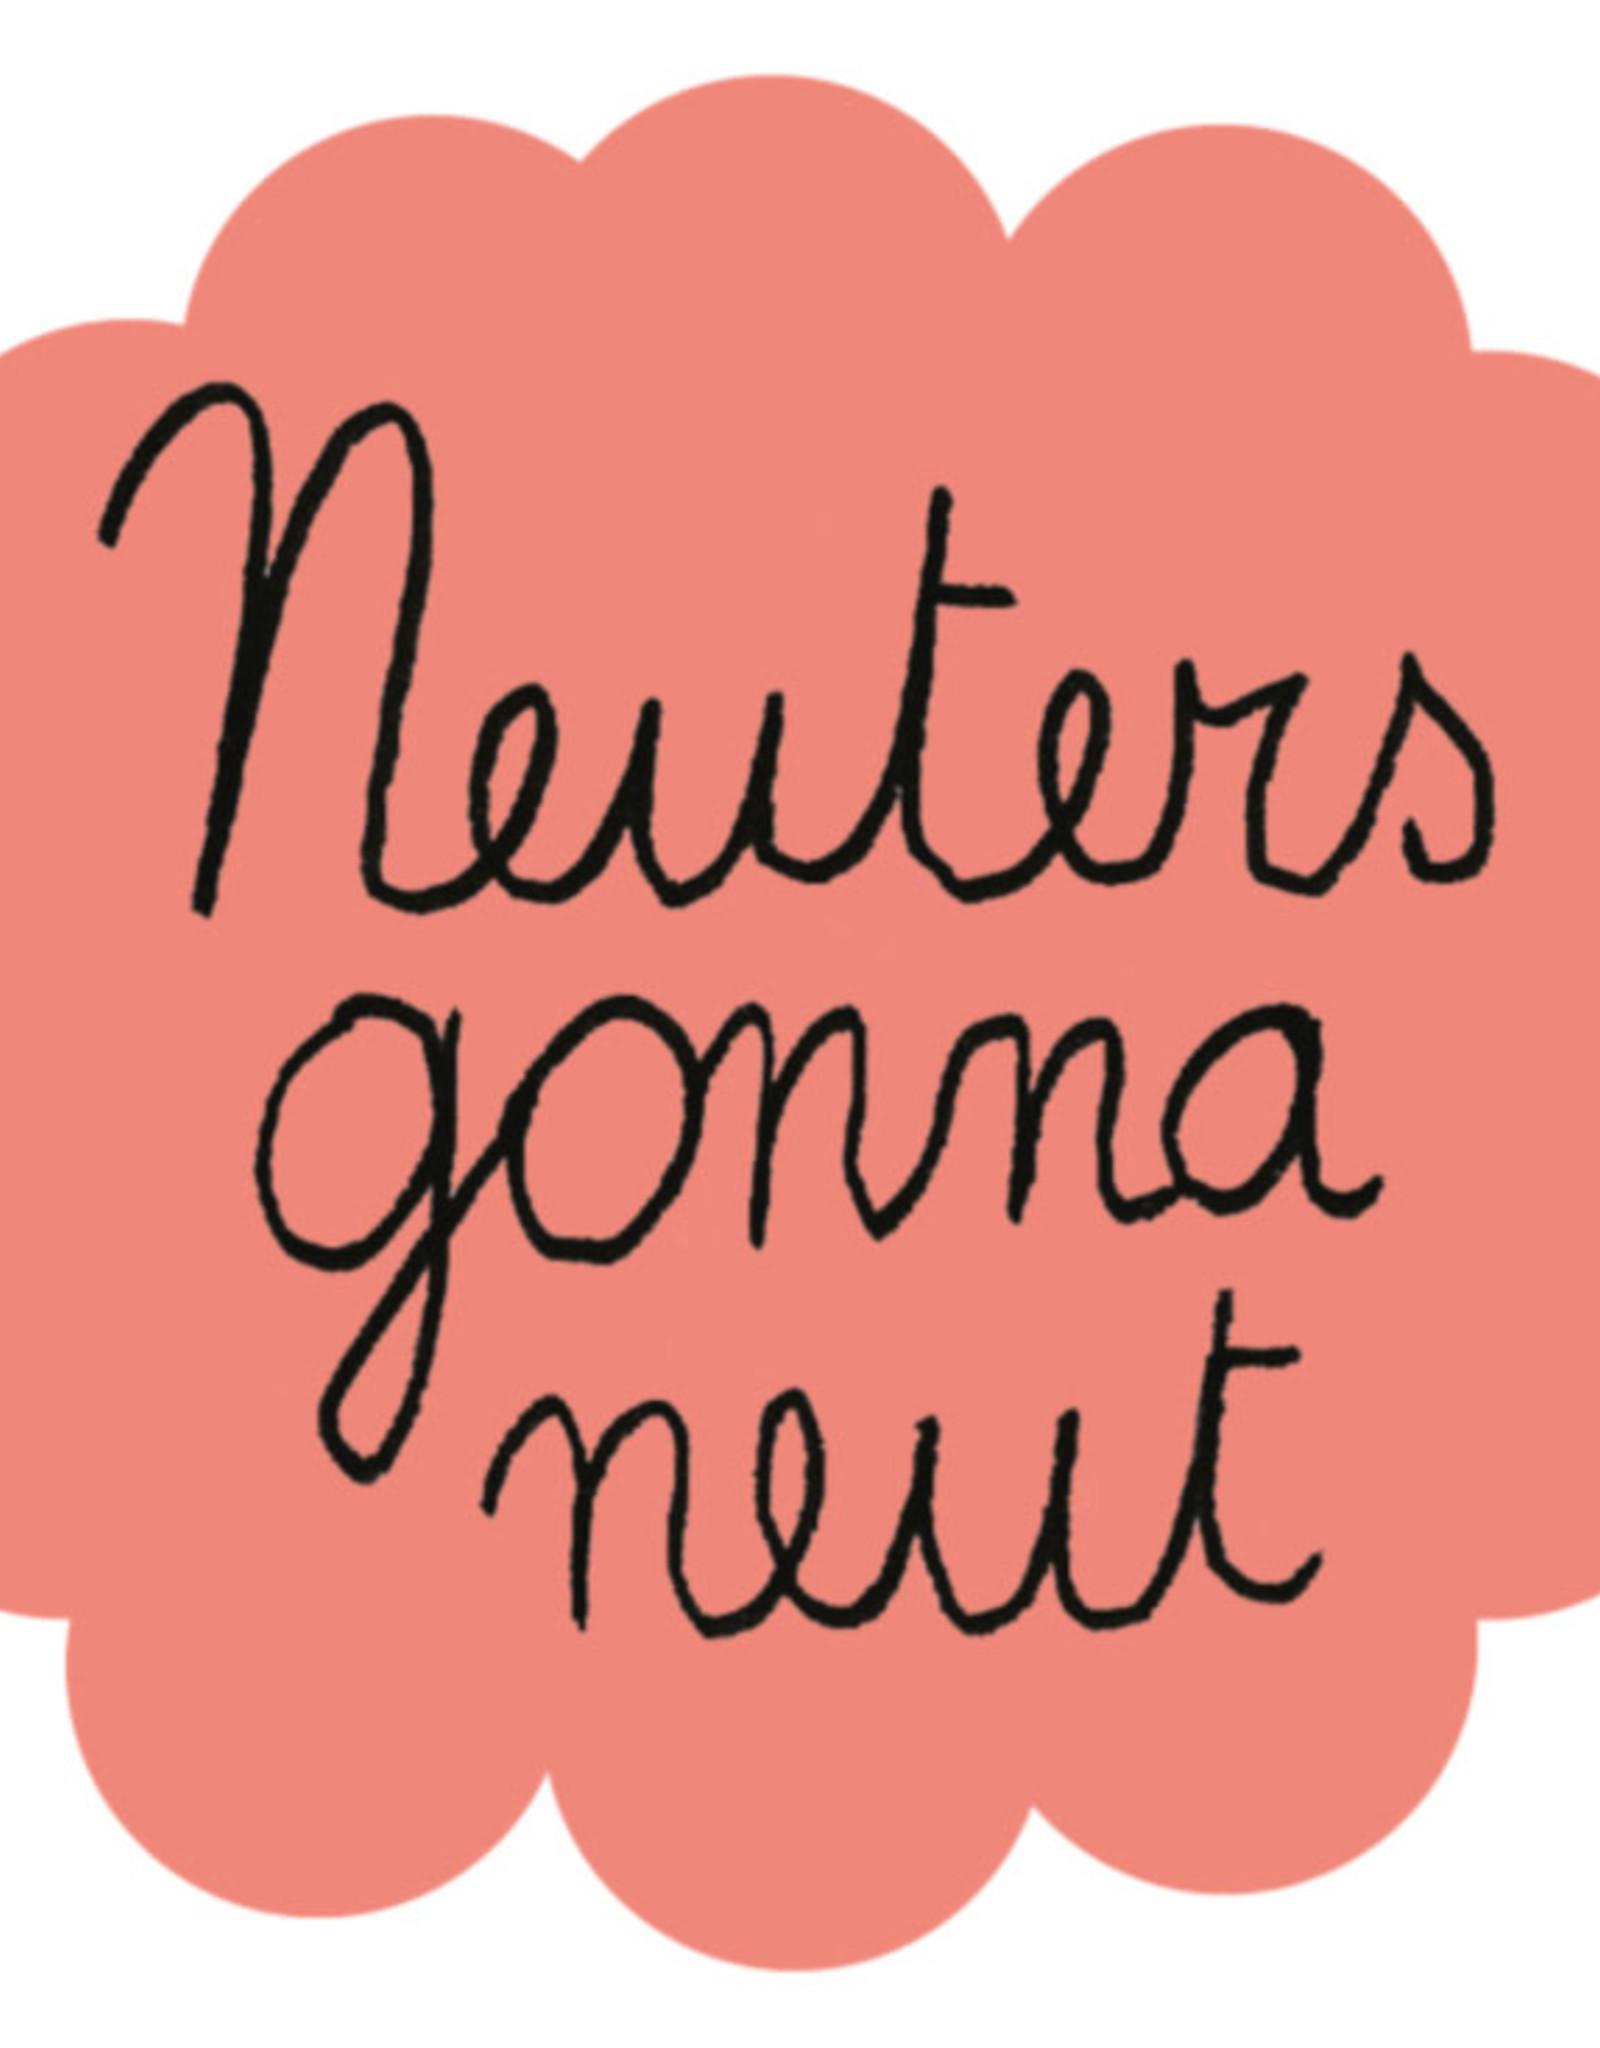 Eva Mouton Eva Mouton - Neuters Gonna Neut